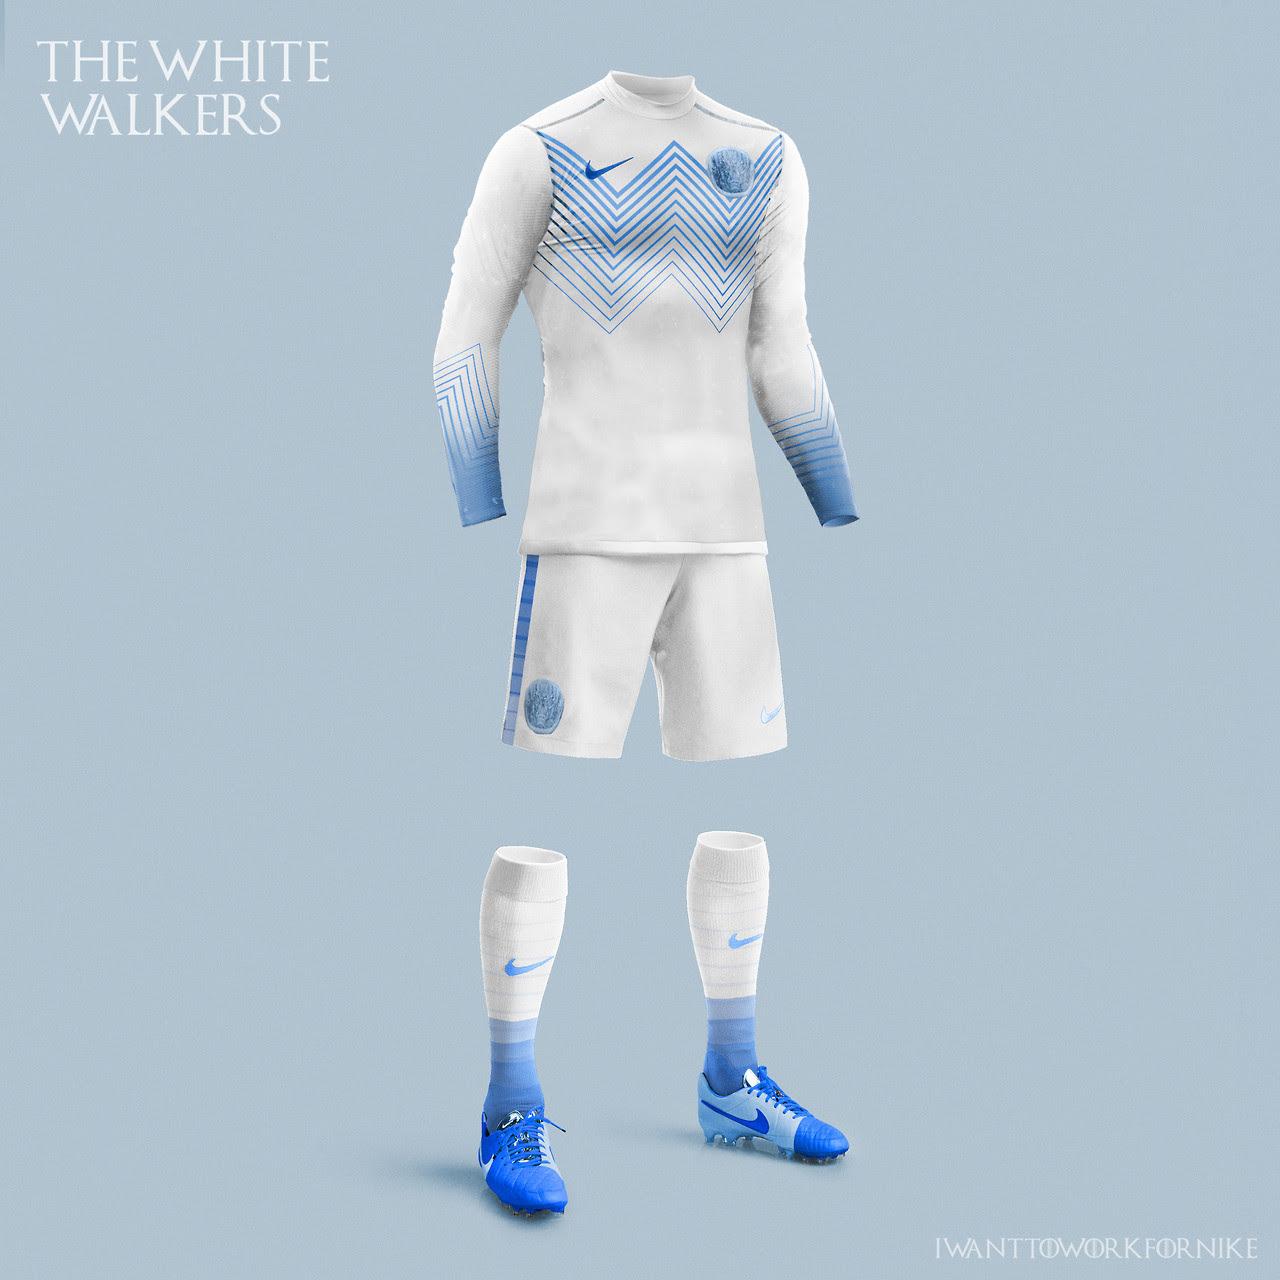 Equipaciones futboleras tipo Juego de Tronos - Caminantes Blancos